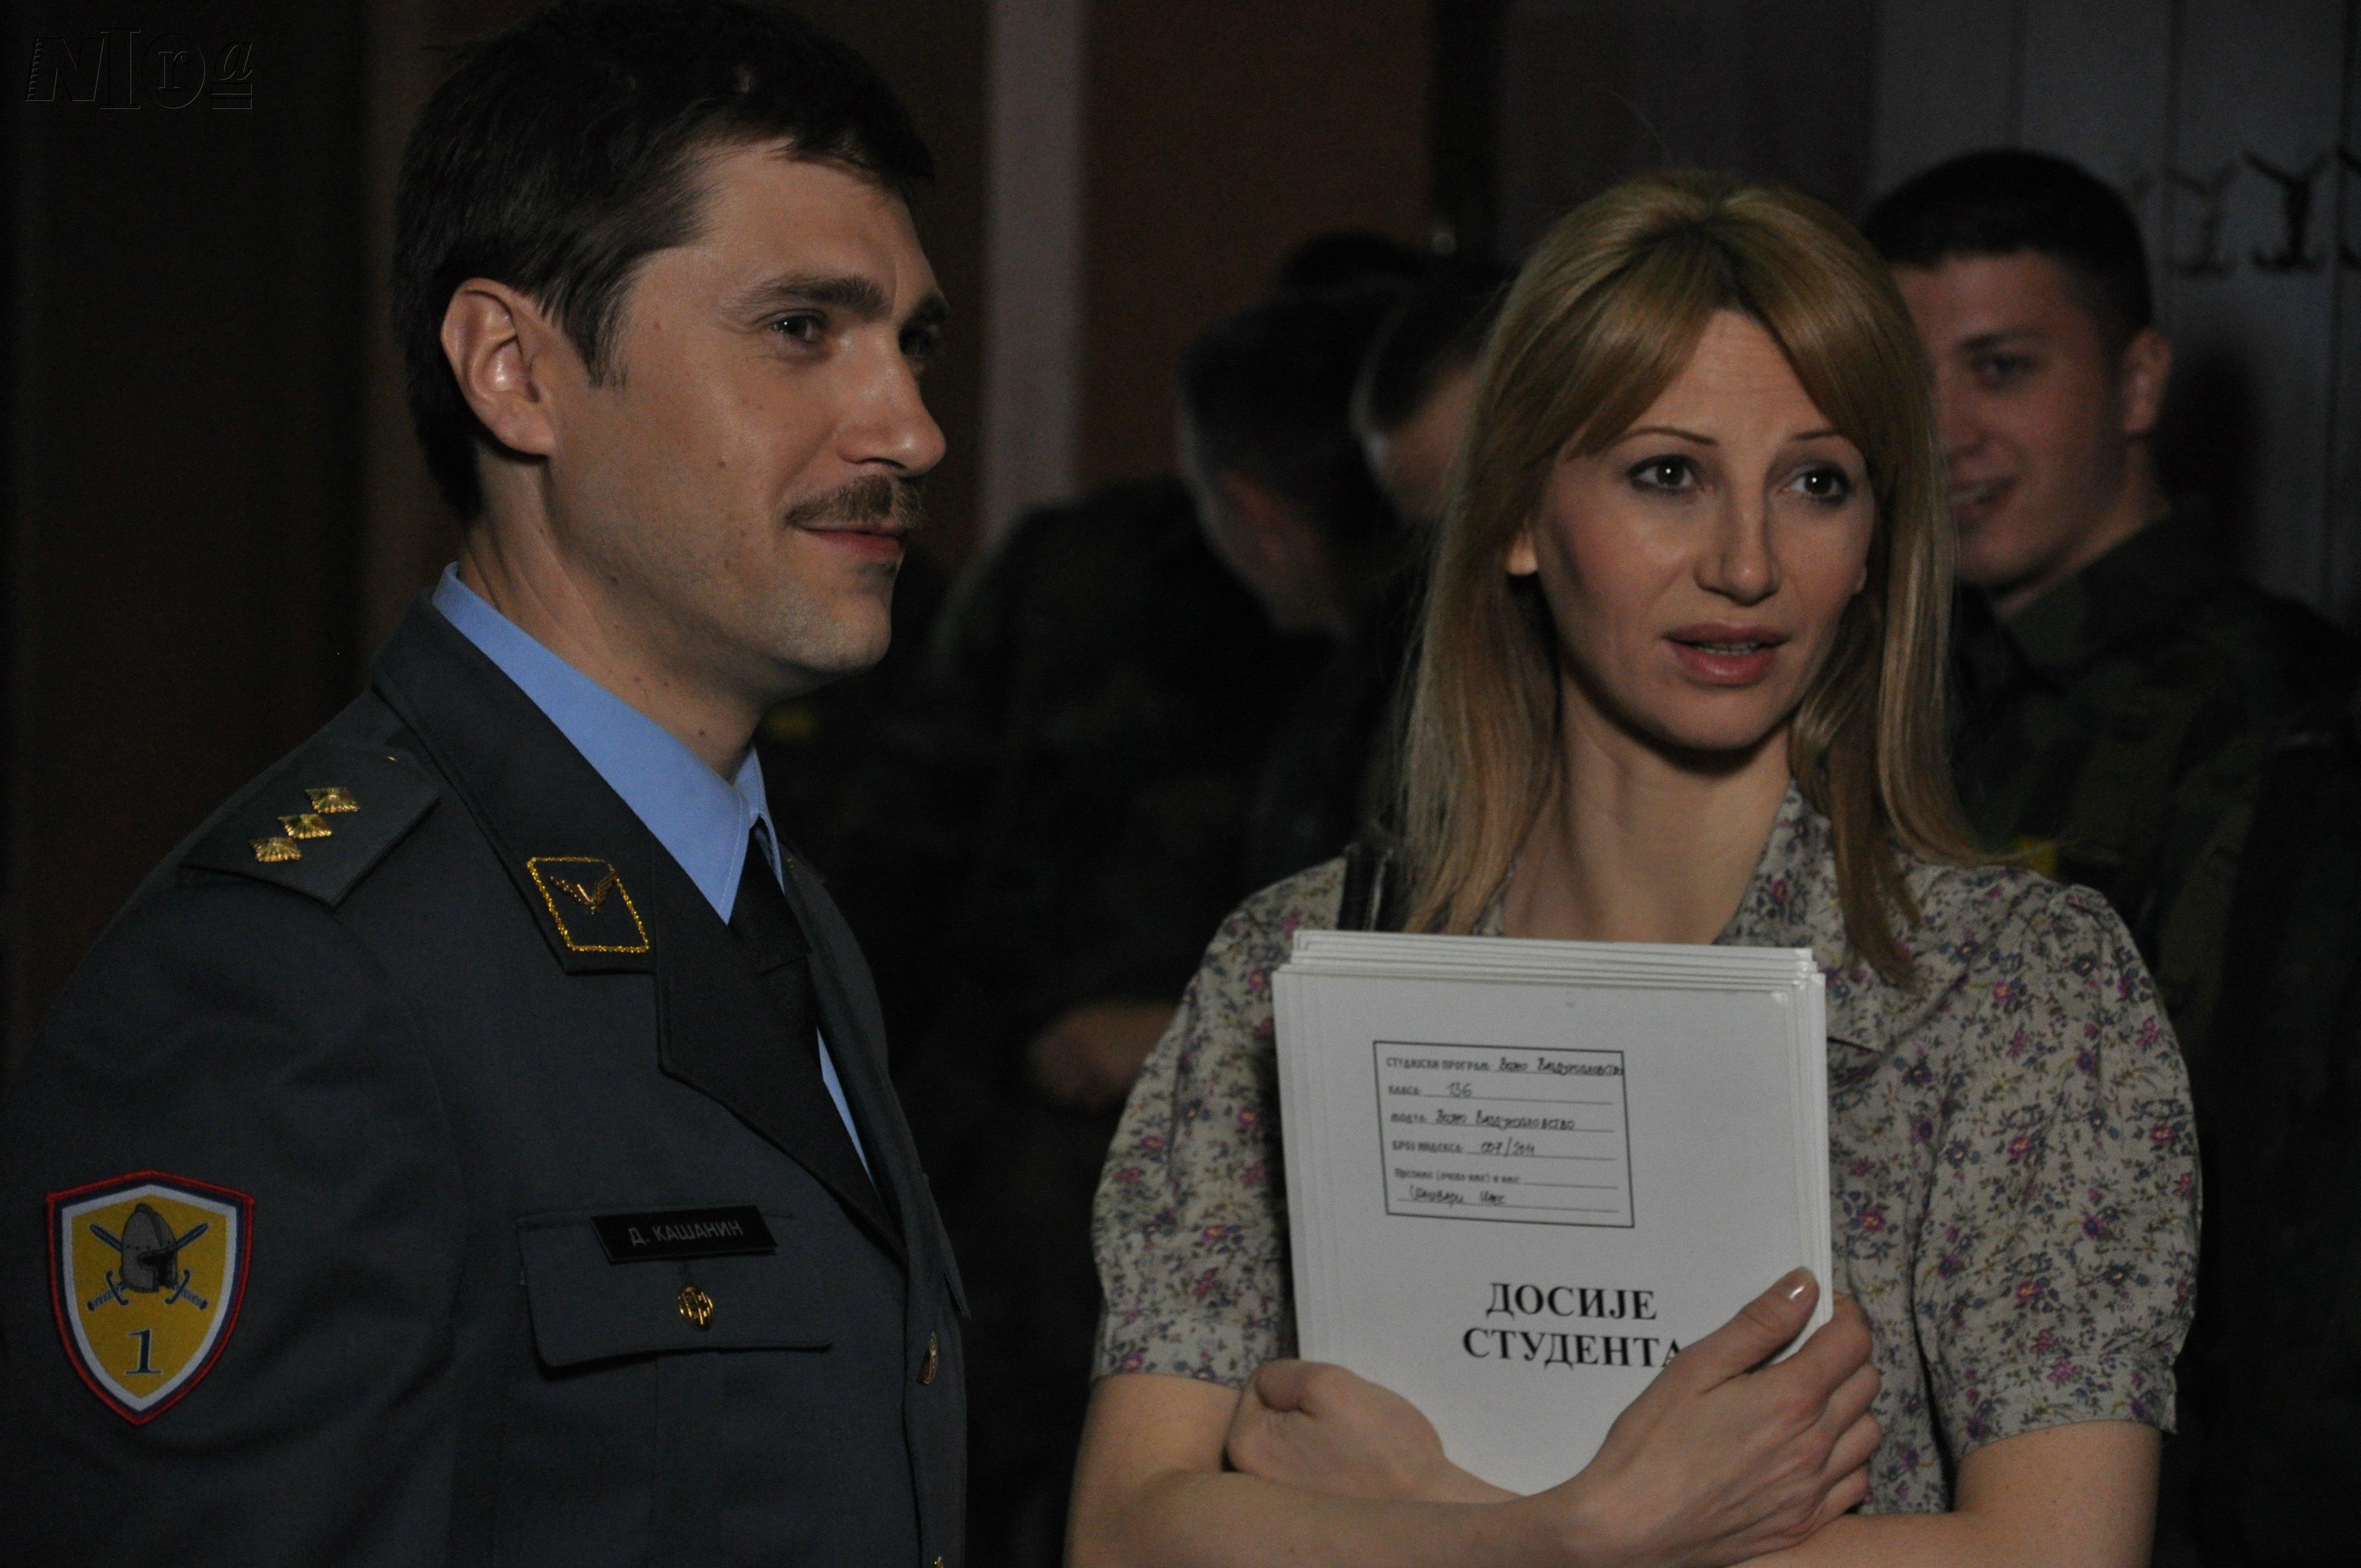 Glumac Nebojša Milovanović postao otac